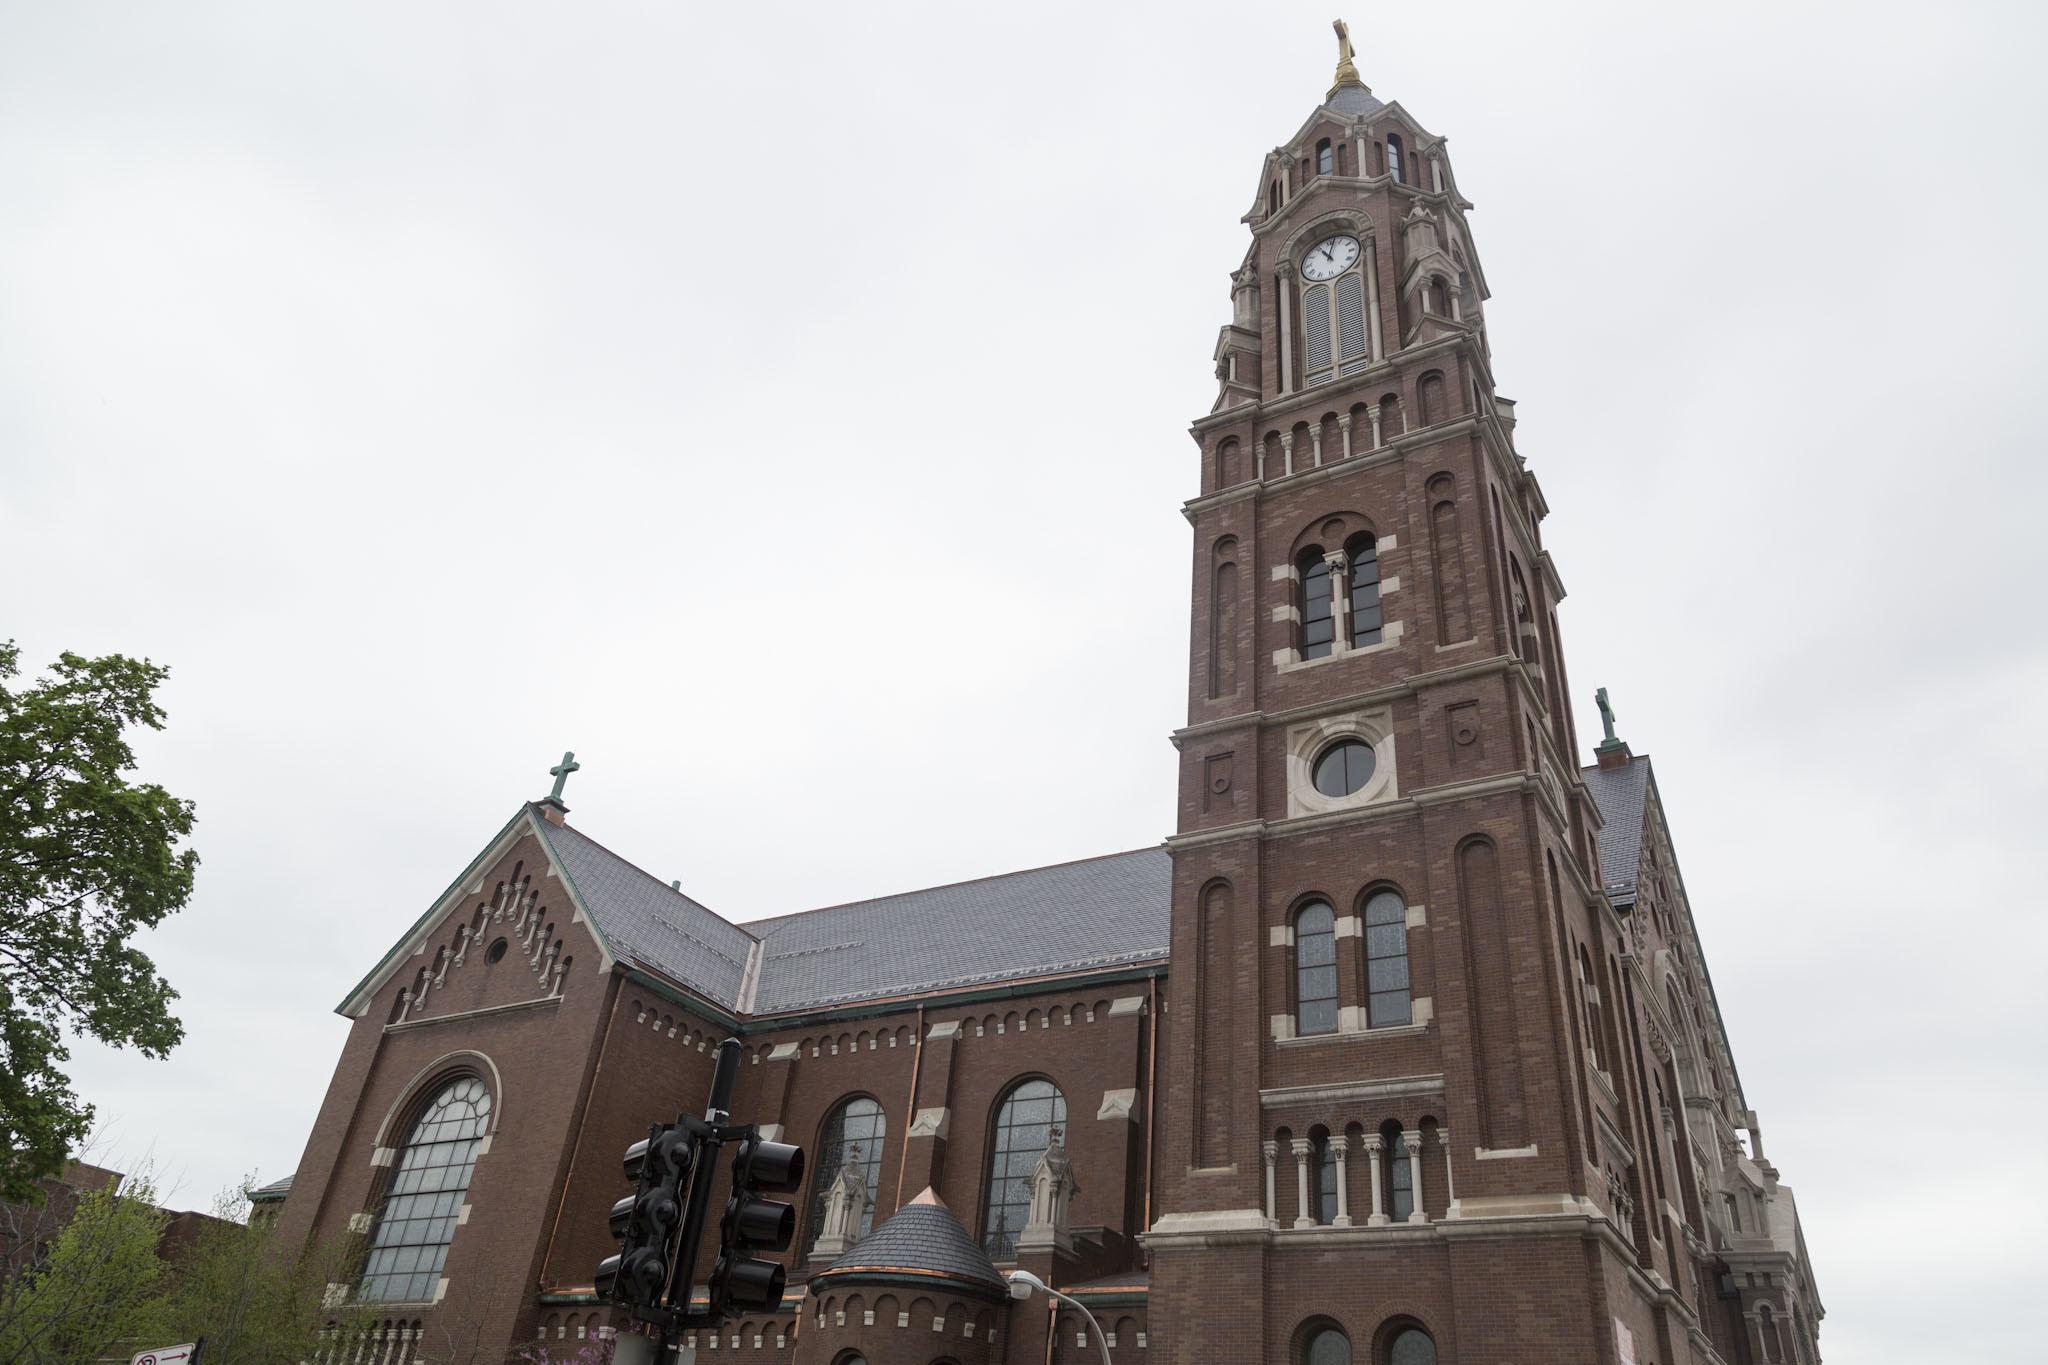 St. Benedict's Parish